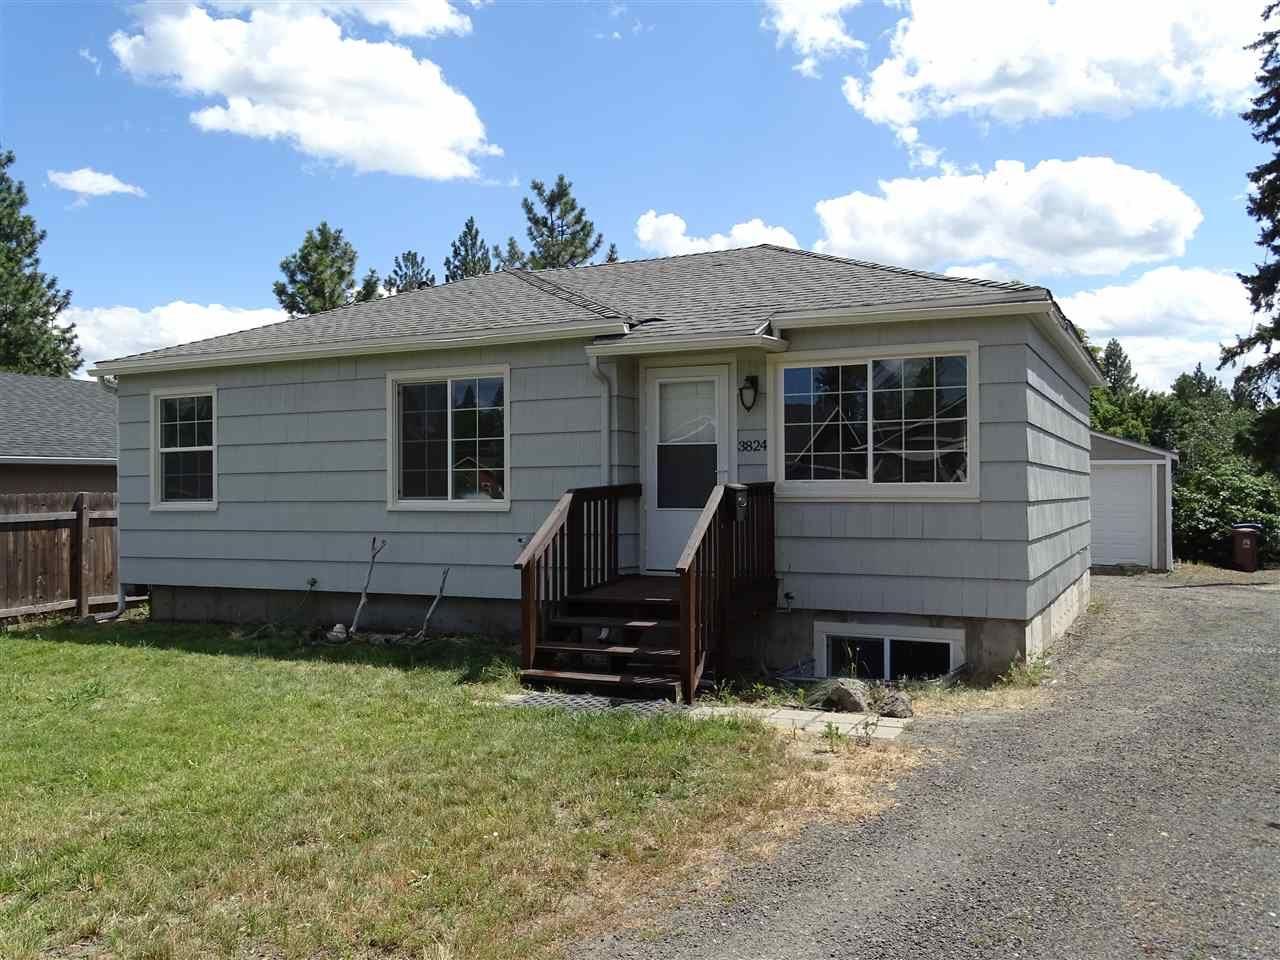 3824 E 31st Ave, Spokane, WA 99203 - #: 202018440